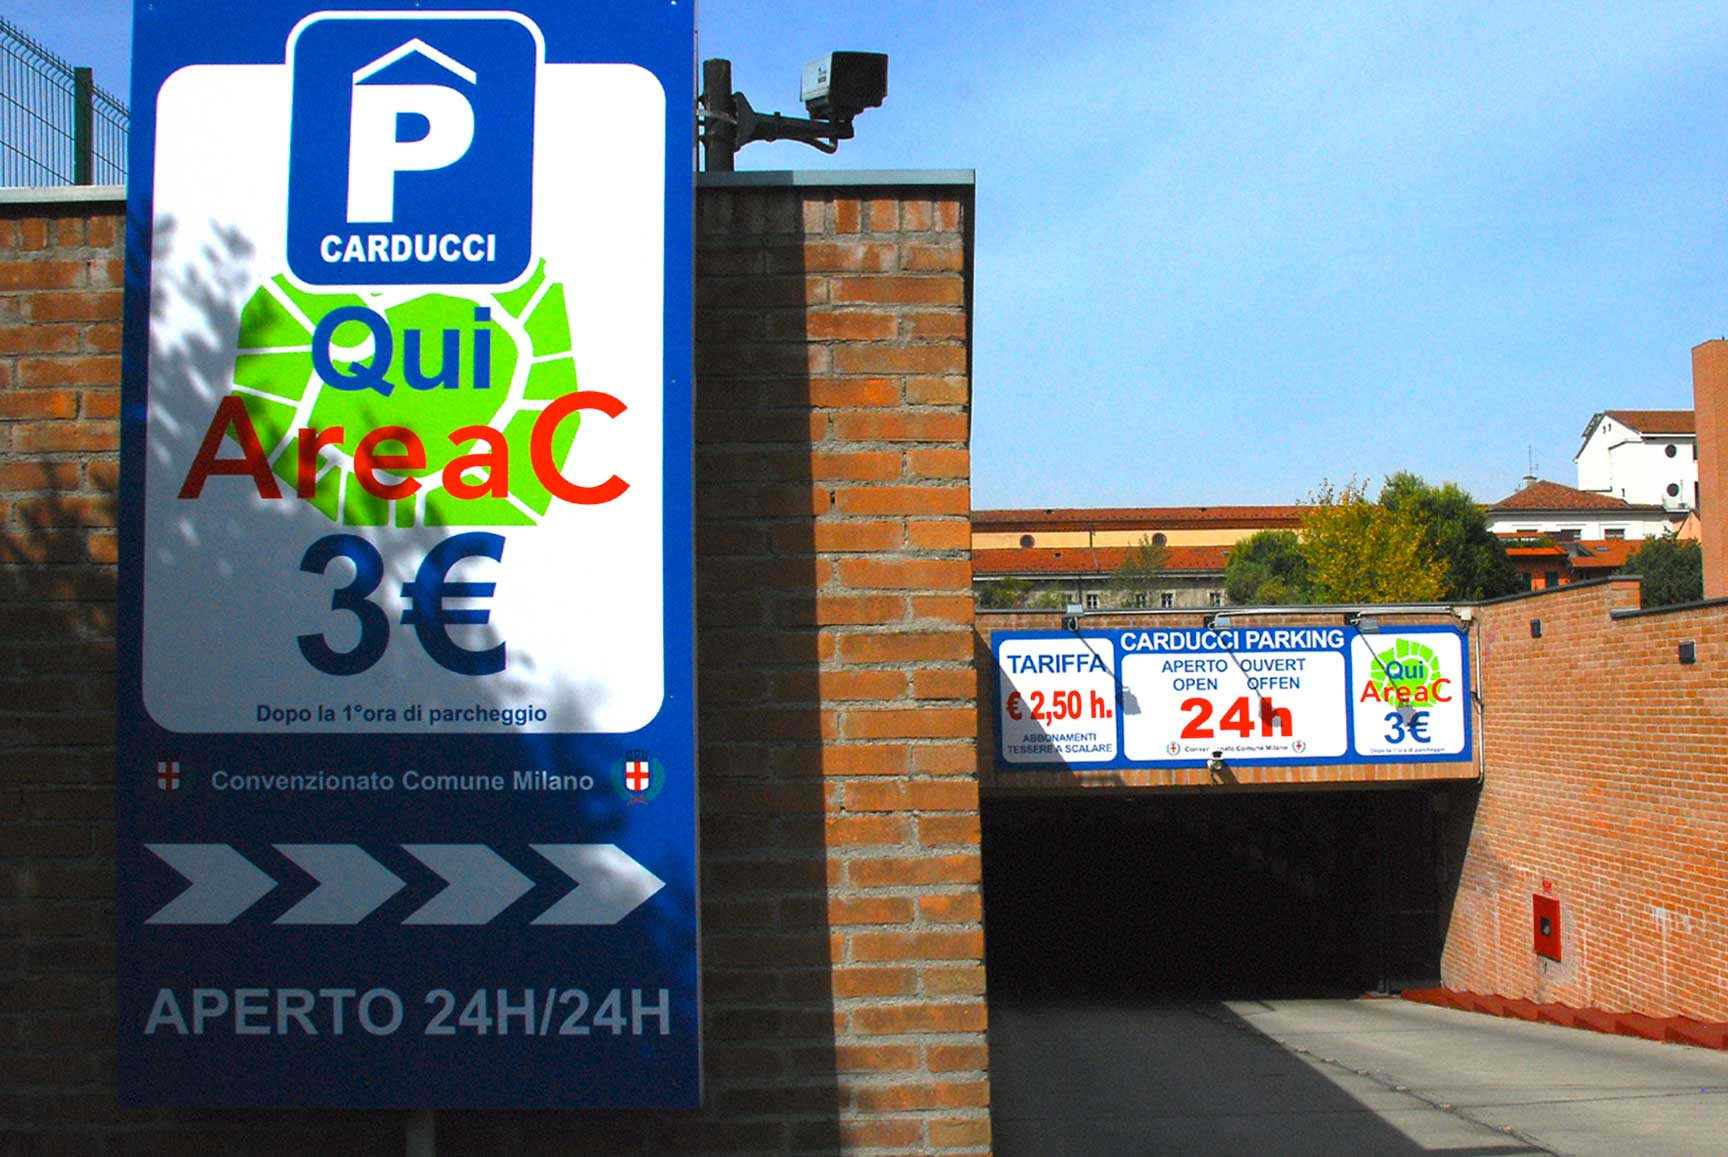 <h1><b>Carducci Parking</b> </h1>